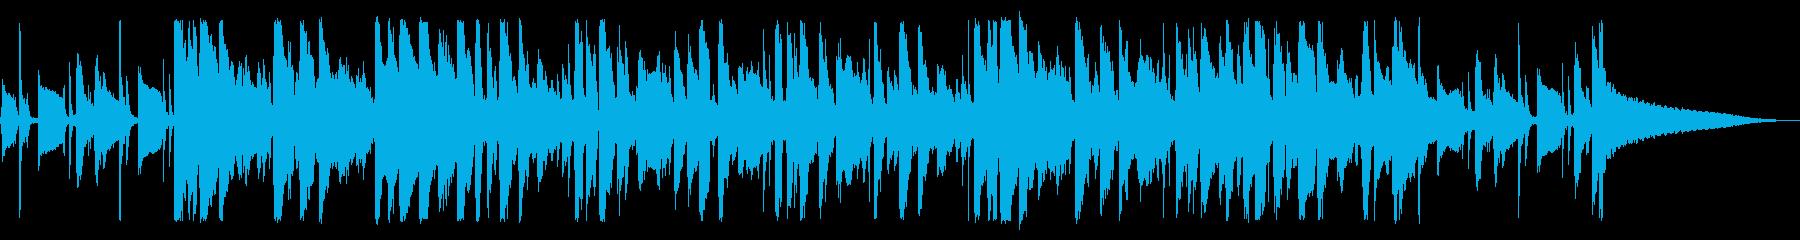 動画 アクション アコースティック...の再生済みの波形